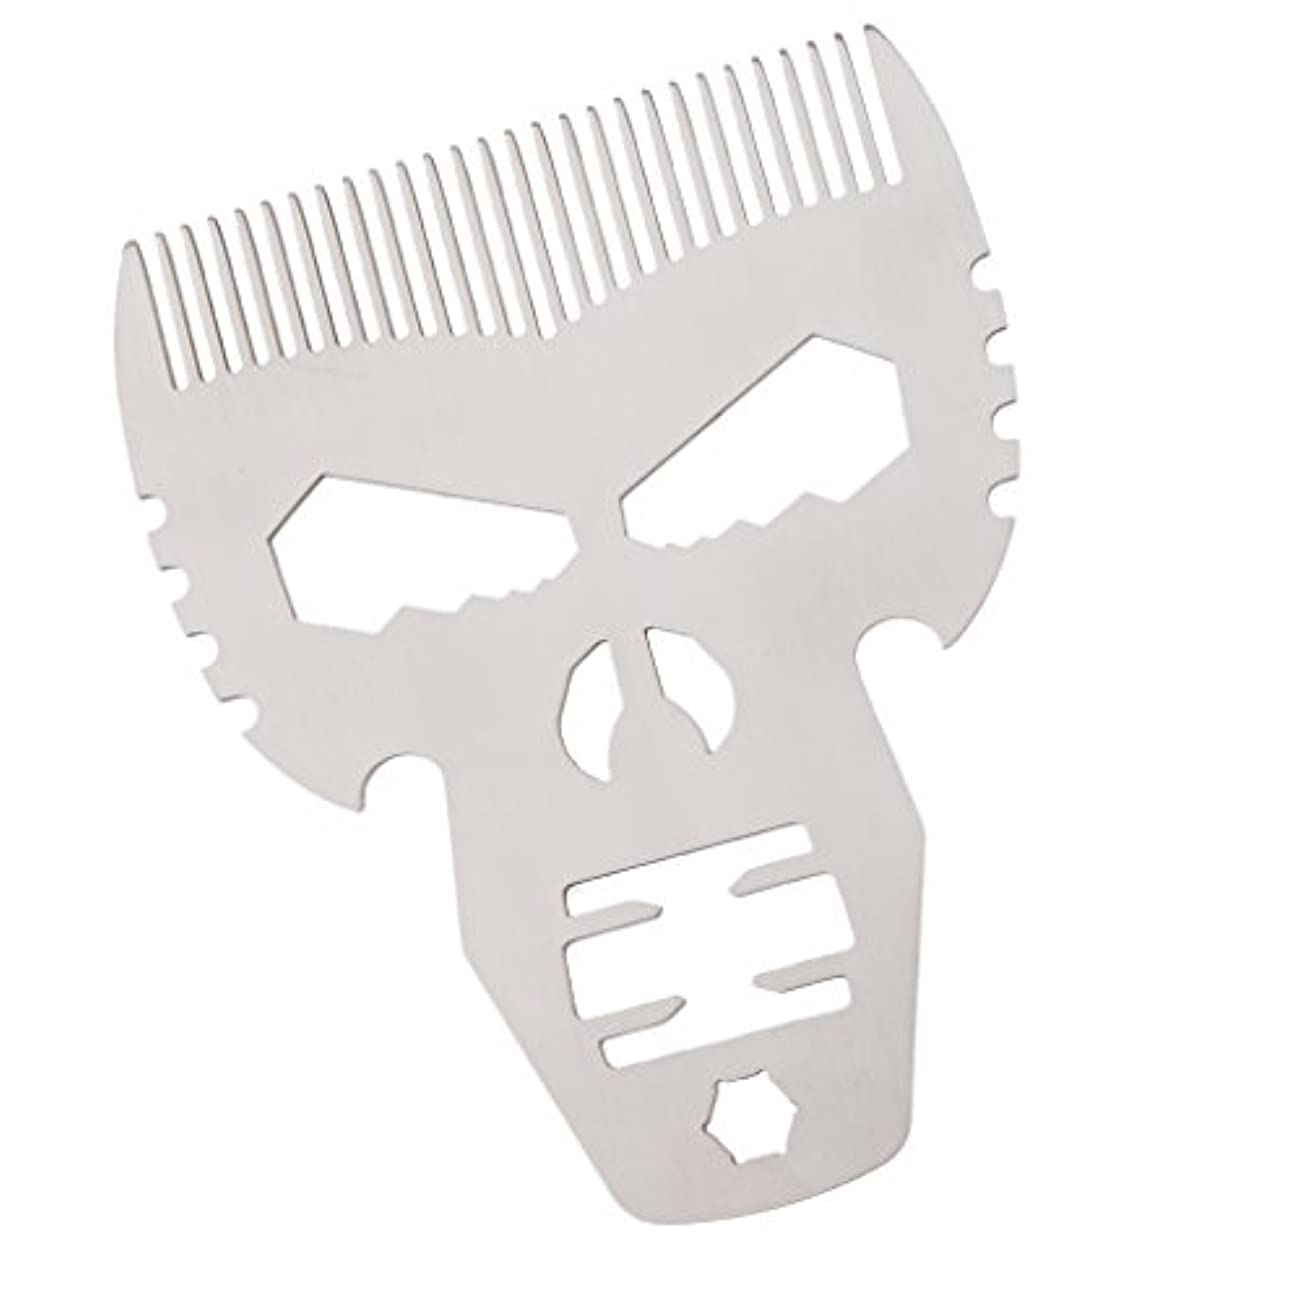 構想する特異な実装するビアードコーム 口髭ブラシ ヘアケア 櫛